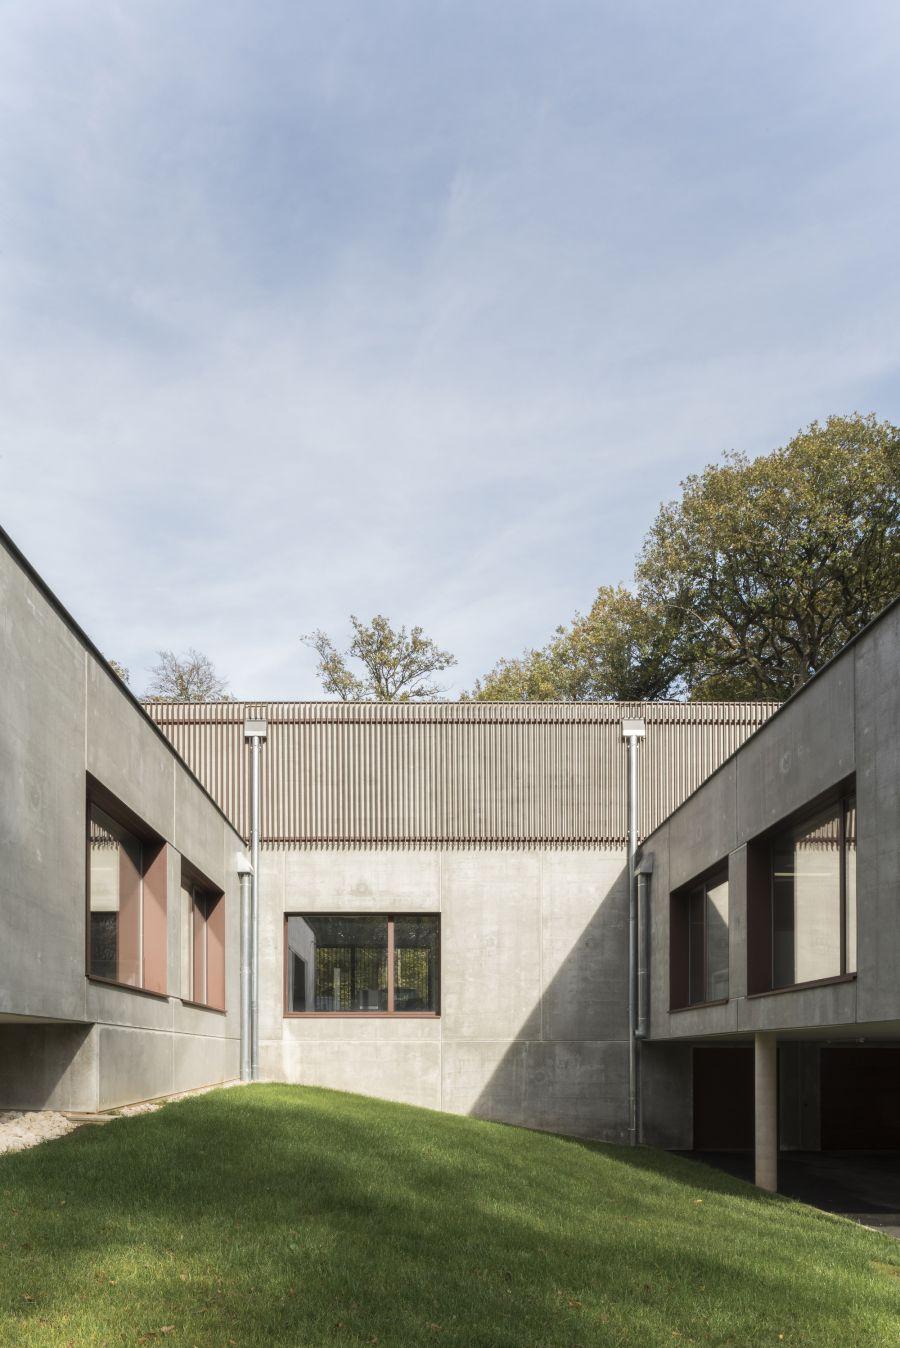 Laboratoire dermatologique à Brabois - Arch. Studiolada - Photo : Ludmilla Cerveny